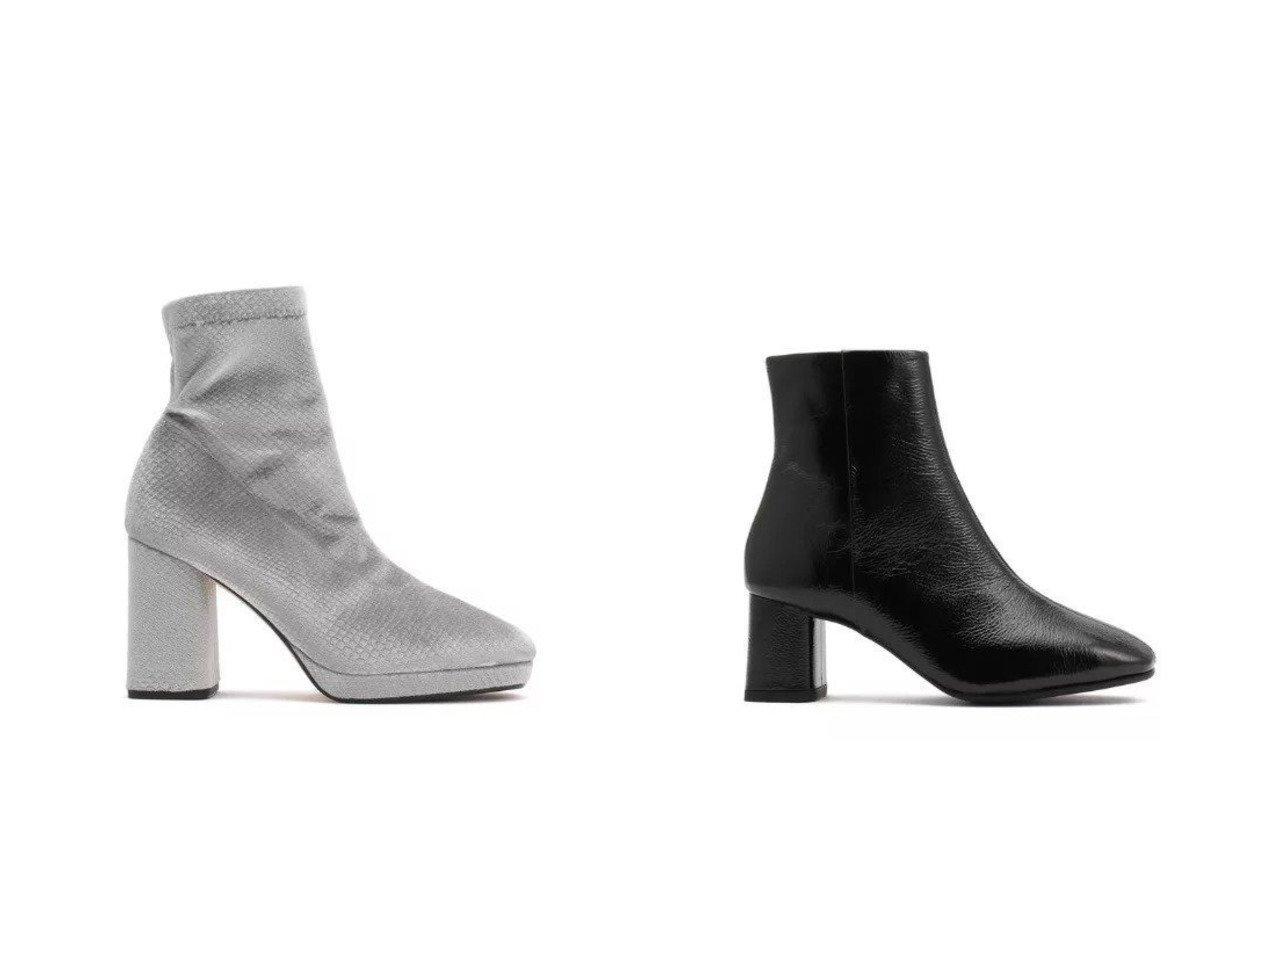 【repetto/レペット】のPony Ankle Boots&Phoebe Boots シューズ・靴のおすすめ!人気、レディースファッションの通販  おすすめで人気のファッション通販商品 インテリア・家具・キッズファッション・メンズファッション・レディースファッション・服の通販 founy(ファニー) https://founy.com/ ファッション Fashion レディース WOMEN アンクル クロコ シューズ ショート ストレッチ ブロック モダン |ID:crp329100000004115